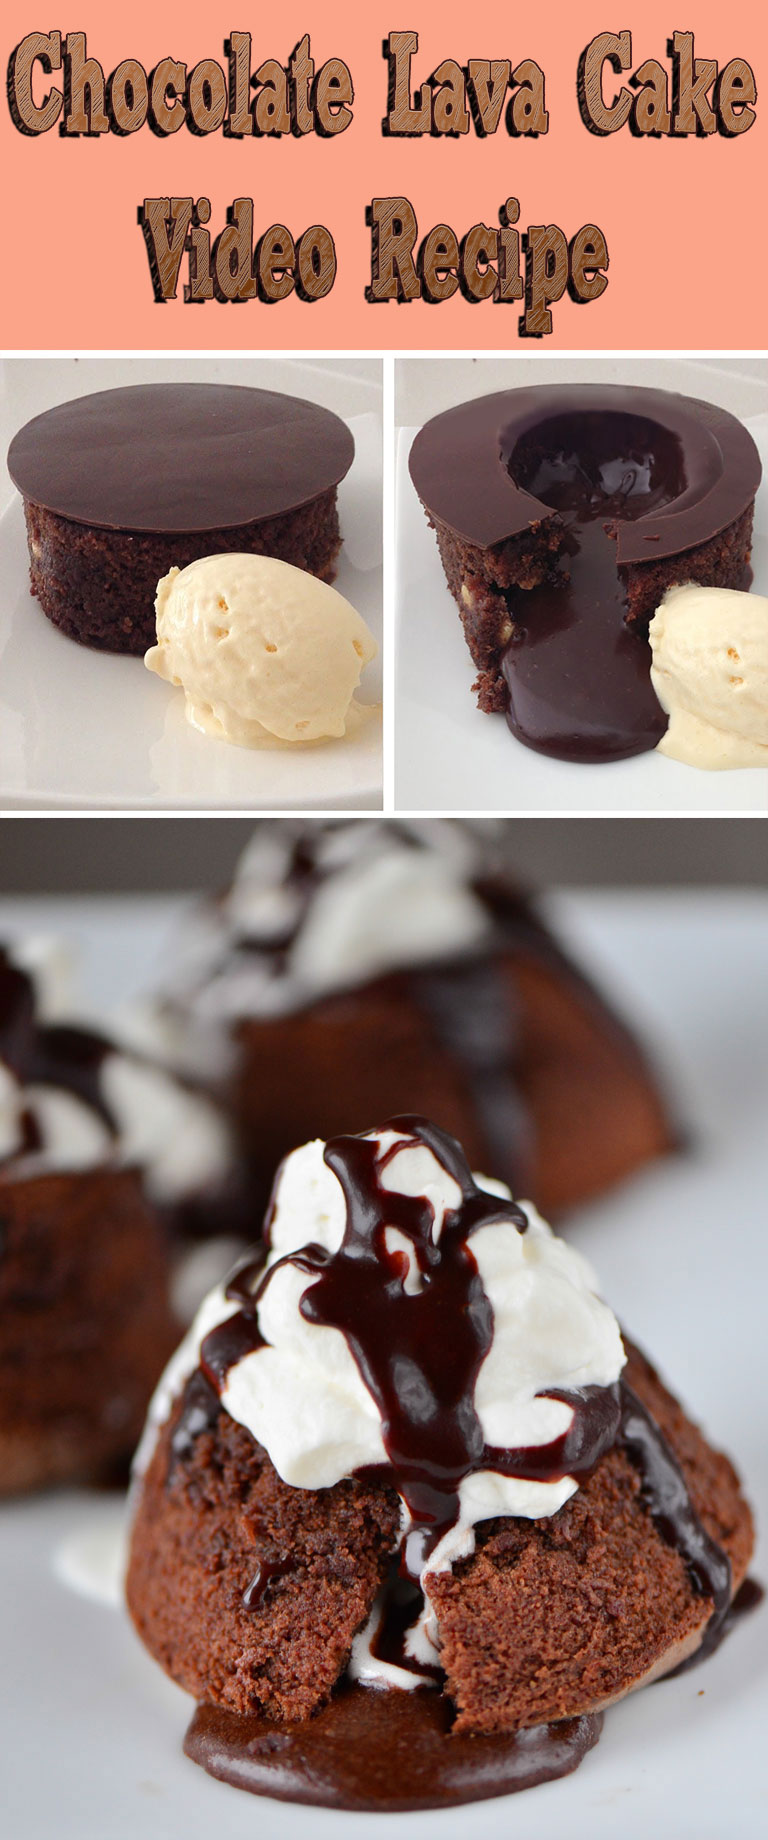 Chocolate Lava Cake - Video Recipe - Quiet Corner